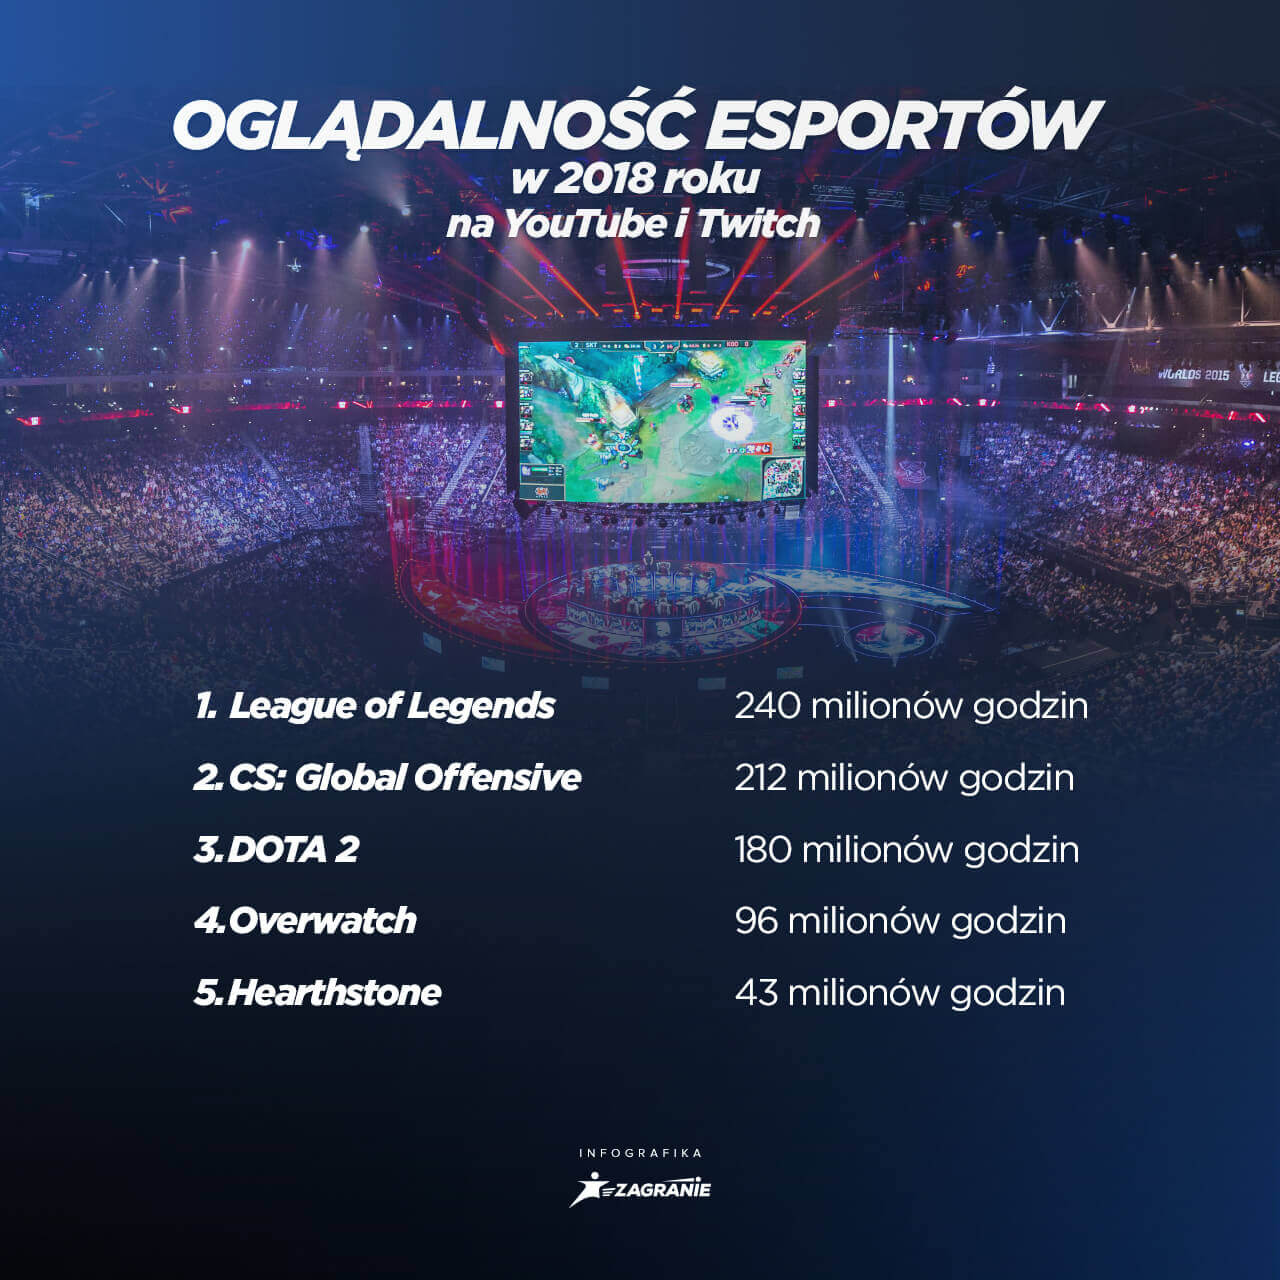 Oglądalność esportów na świecie